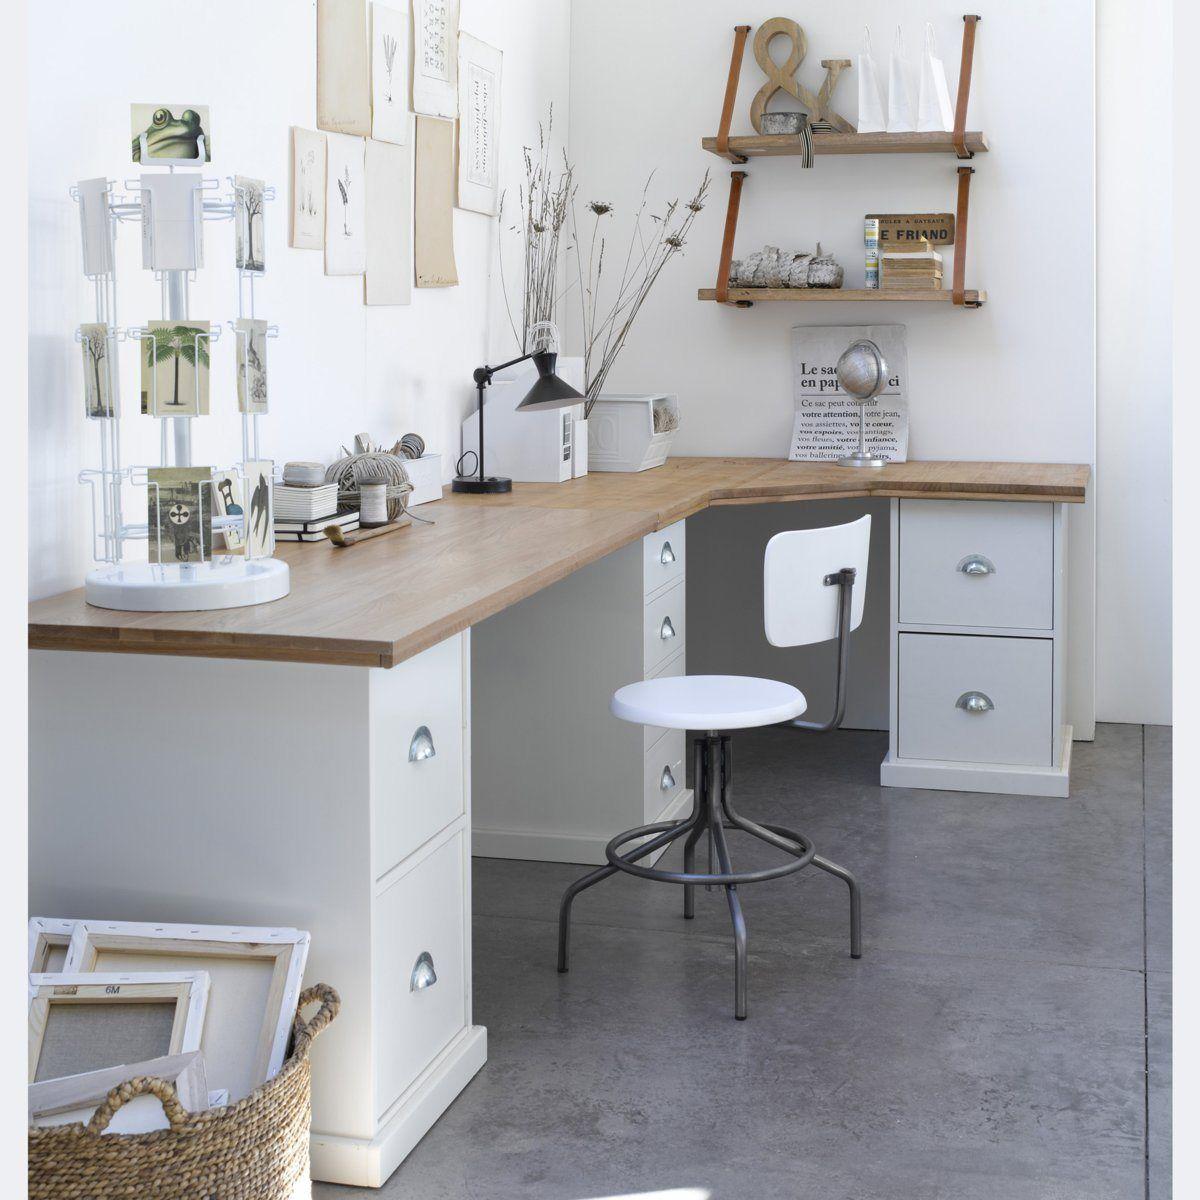 les 25 meilleures id es de la cat gorie bureau ampm sur pinterest meuble ampm bureau la. Black Bedroom Furniture Sets. Home Design Ideas